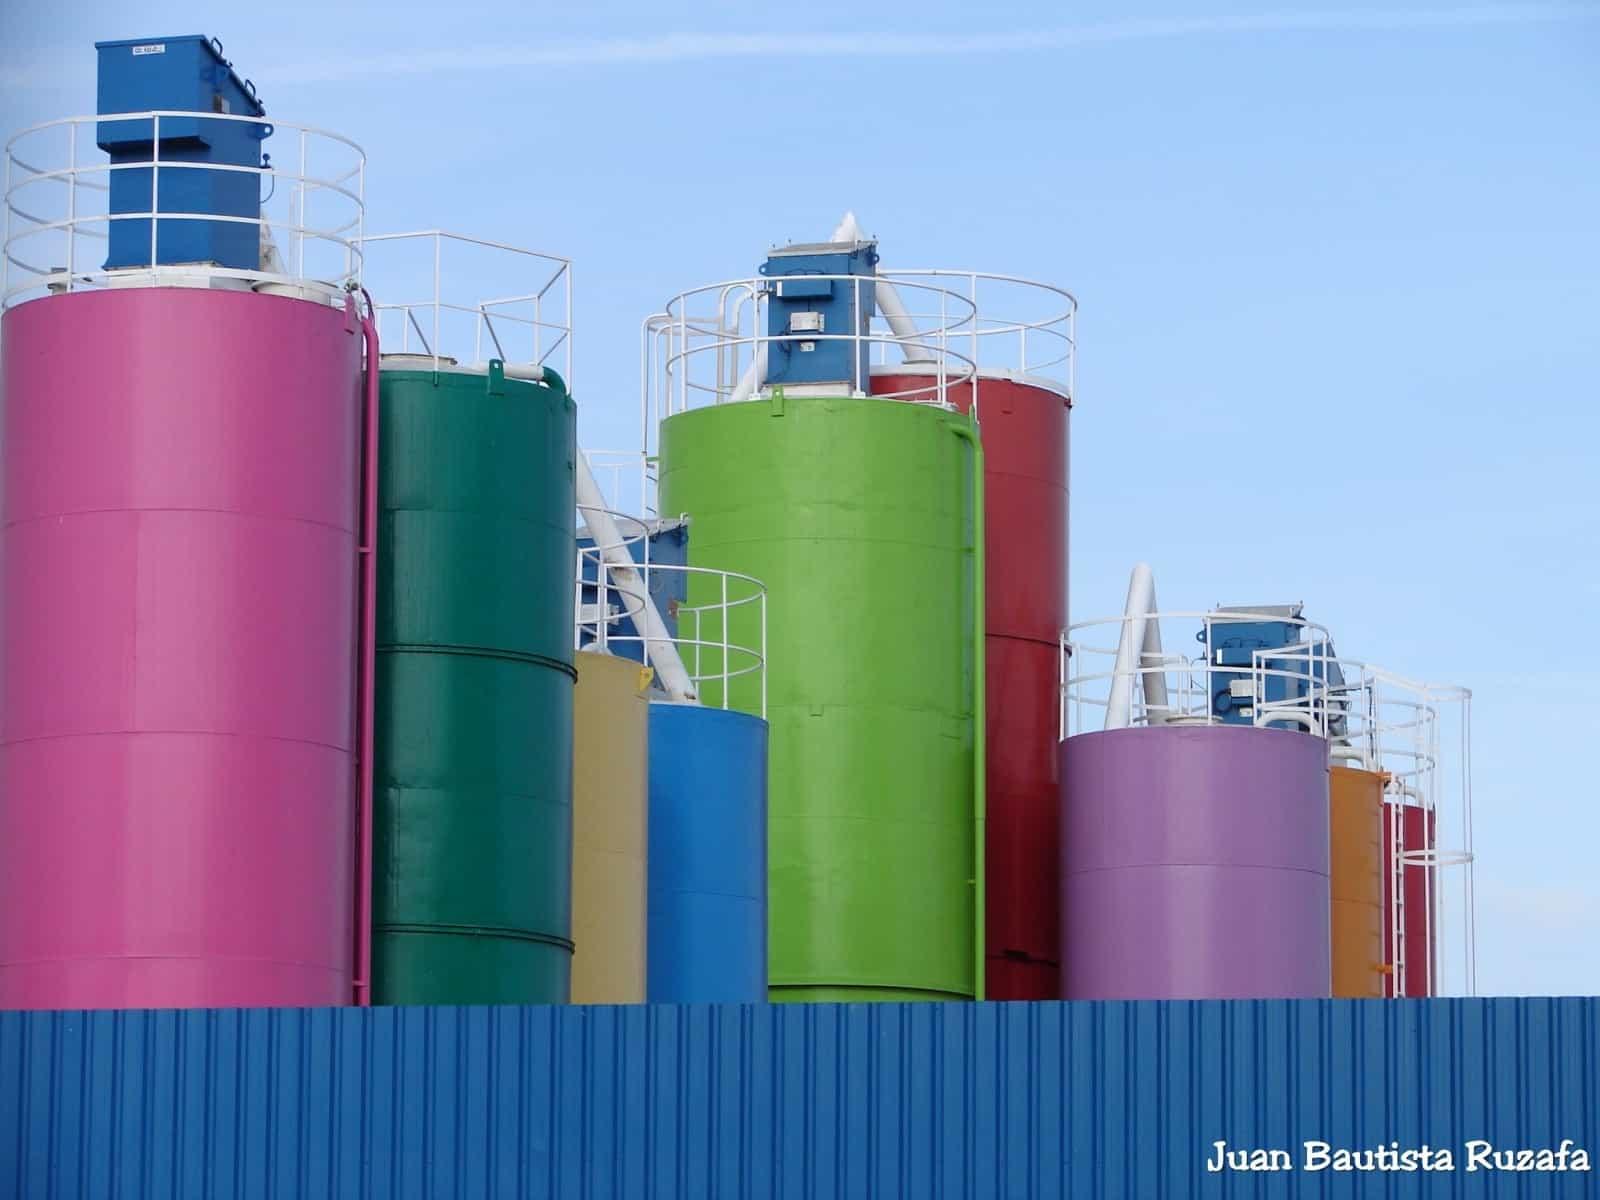 Fabrica cemento y pintura 2010 001